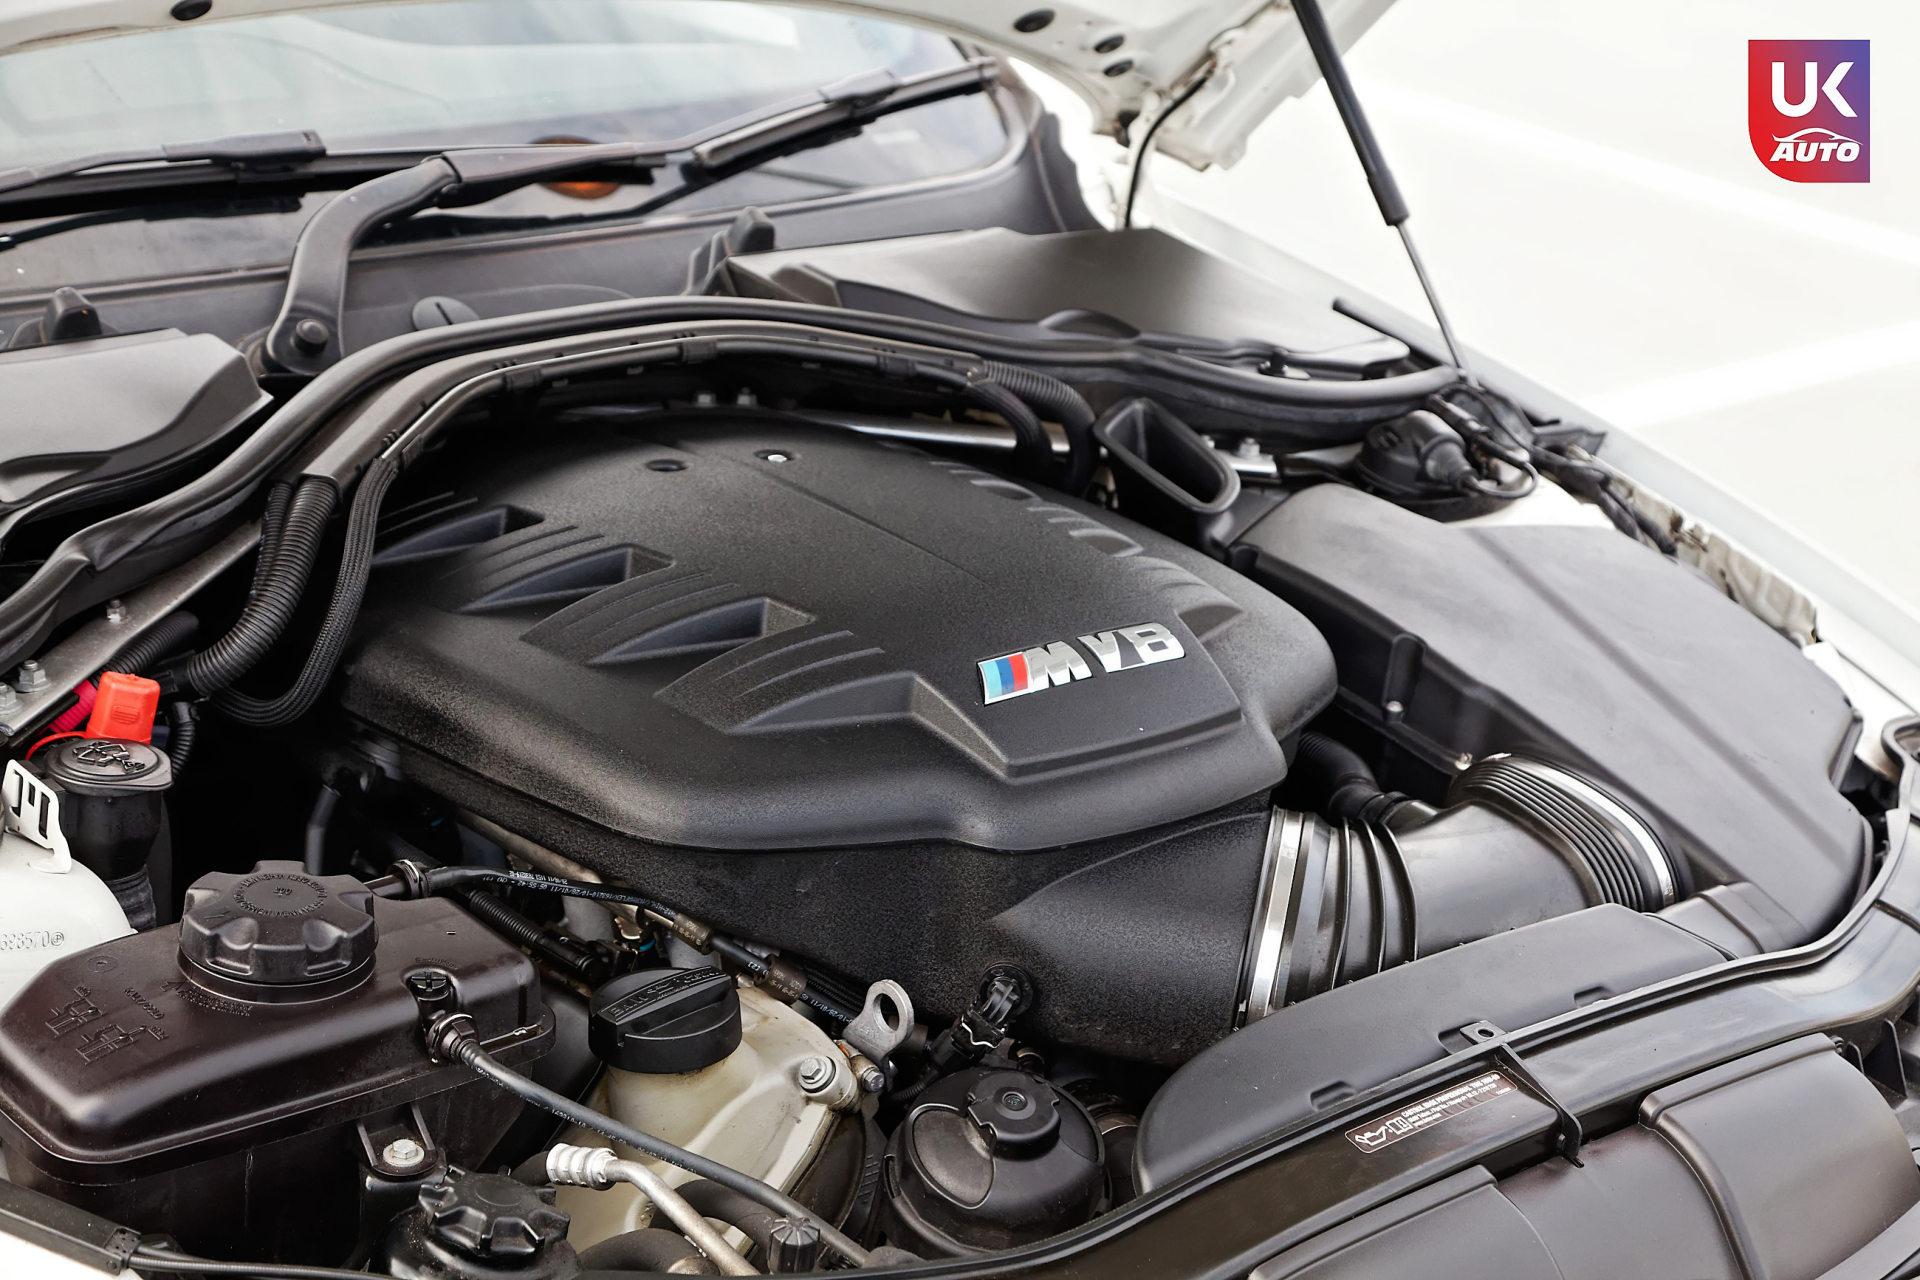 bmw m3 e92 v8 pack competition importateur bmw uk bmw angleterre m3 import uk ukauto mandataire14 DxO - IMPORTATION BMW M3 COMPETITION E92 V8 LEBONCOIN ANGLETERRE IMPORT UKAUTO FELICITATION A AUGUSTE CLIENT UKAUTO